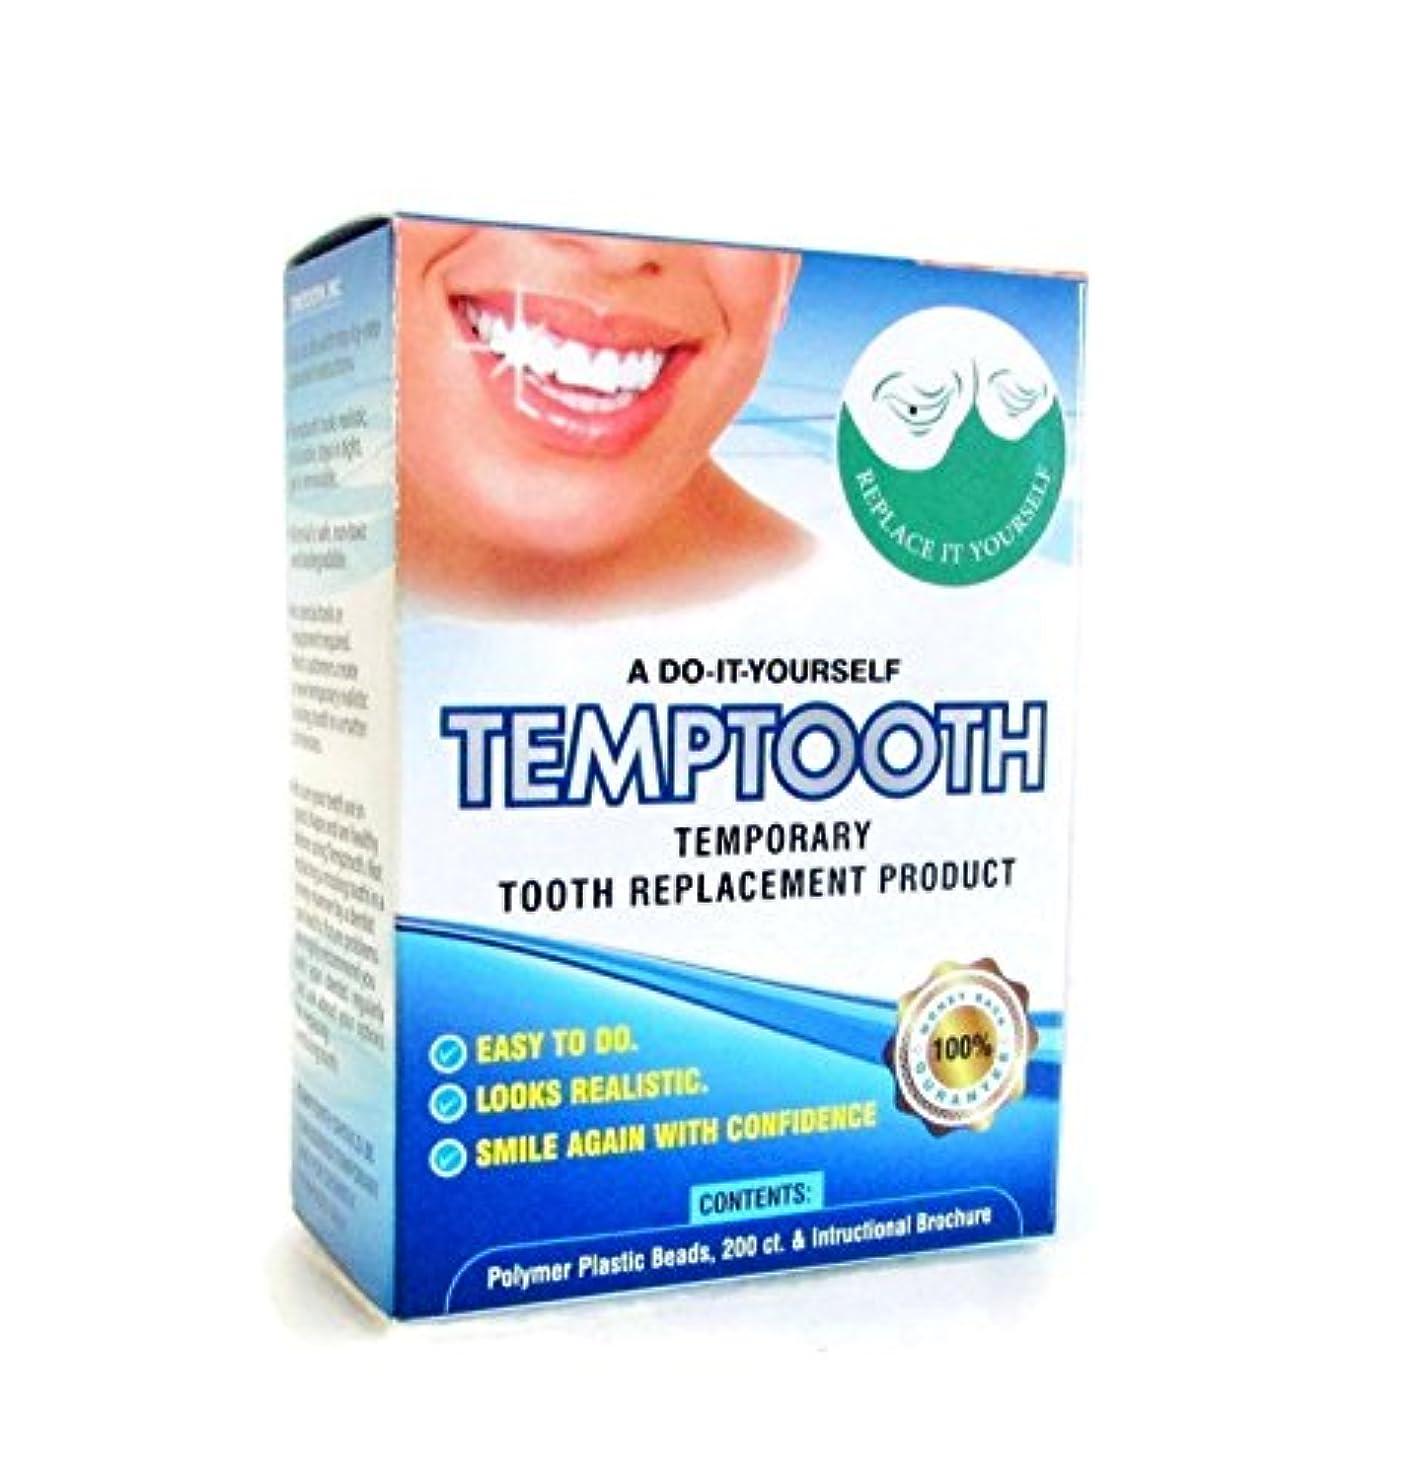 所有権回復なぞらえる自分で作るテンポラリー義歯/Temptooth Do It Yourself Tooth Replacement Product